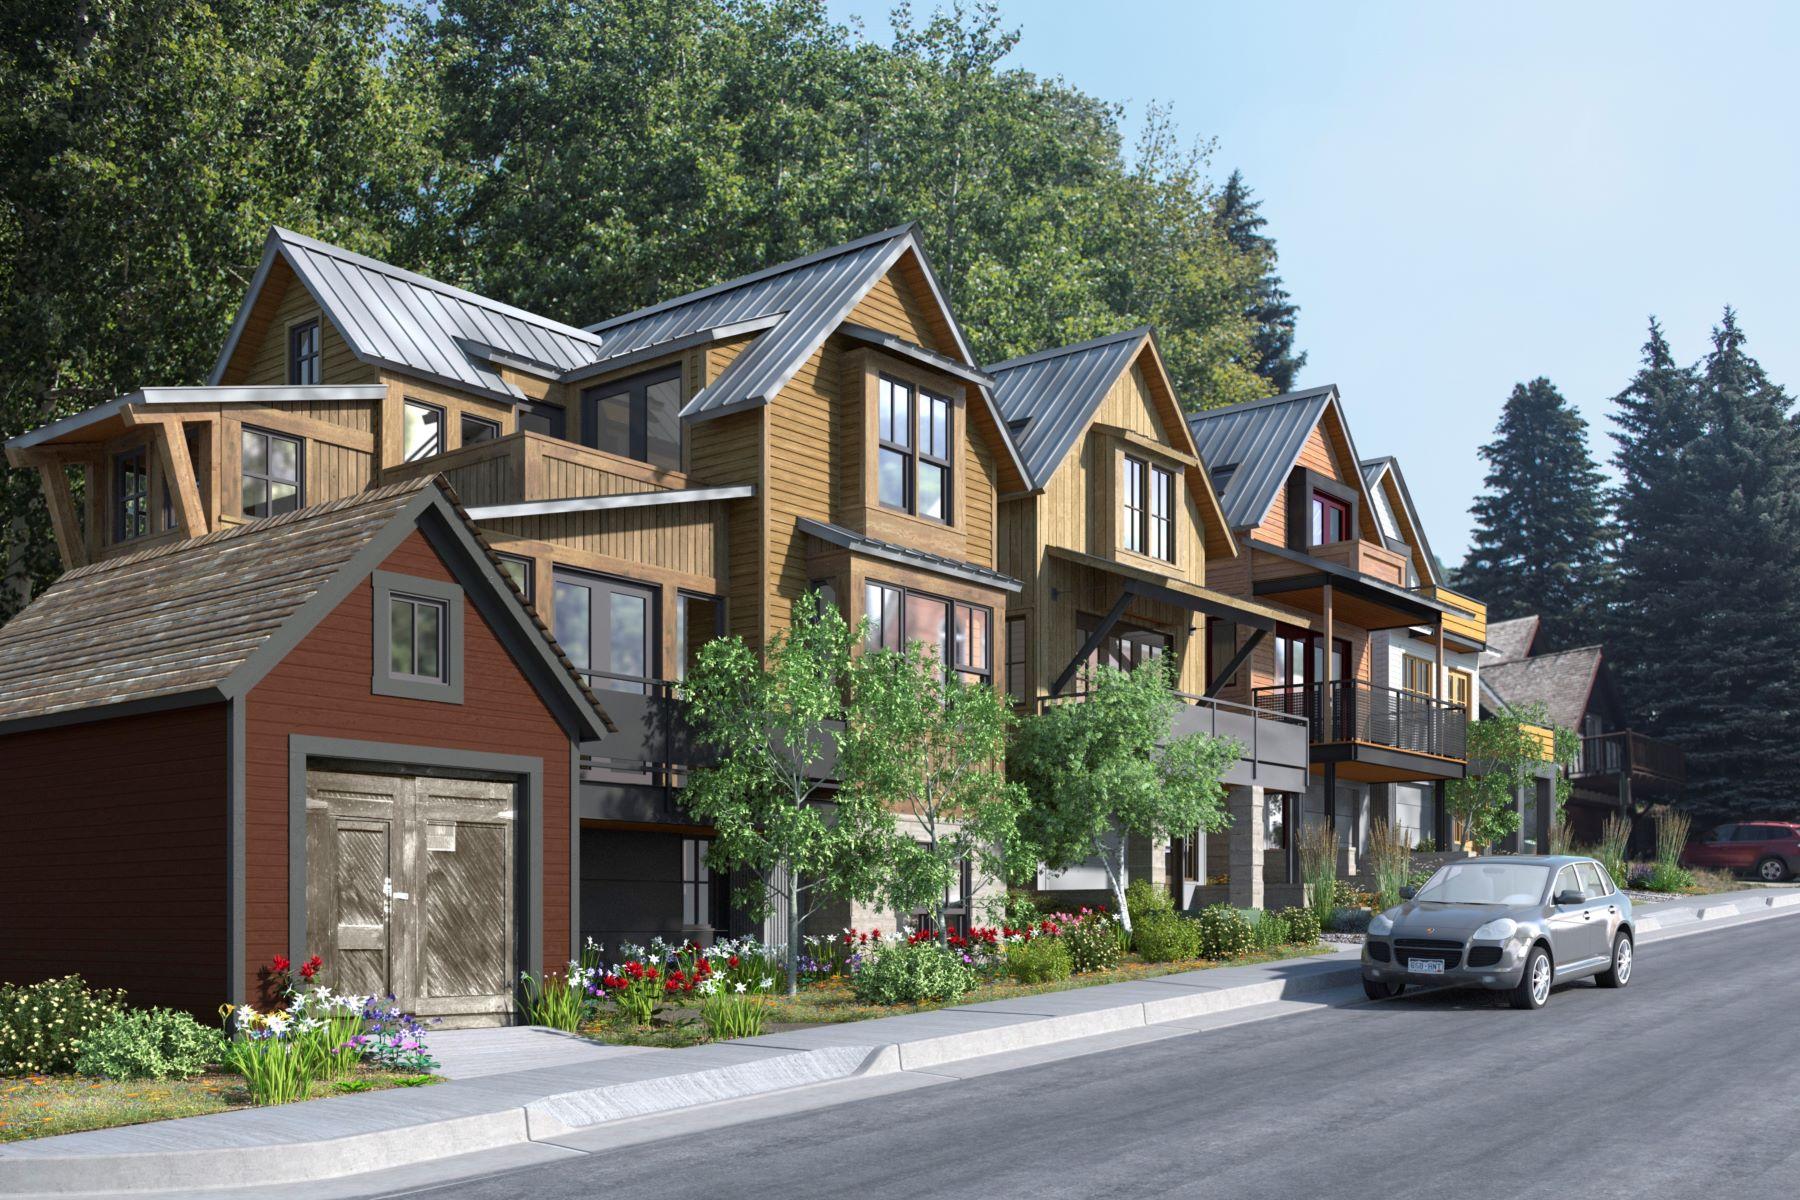 Single Family Homes for Sale at 471 W Galena Avenue, 471 W Galena Avenue Telluride, Colorado 81435 United States